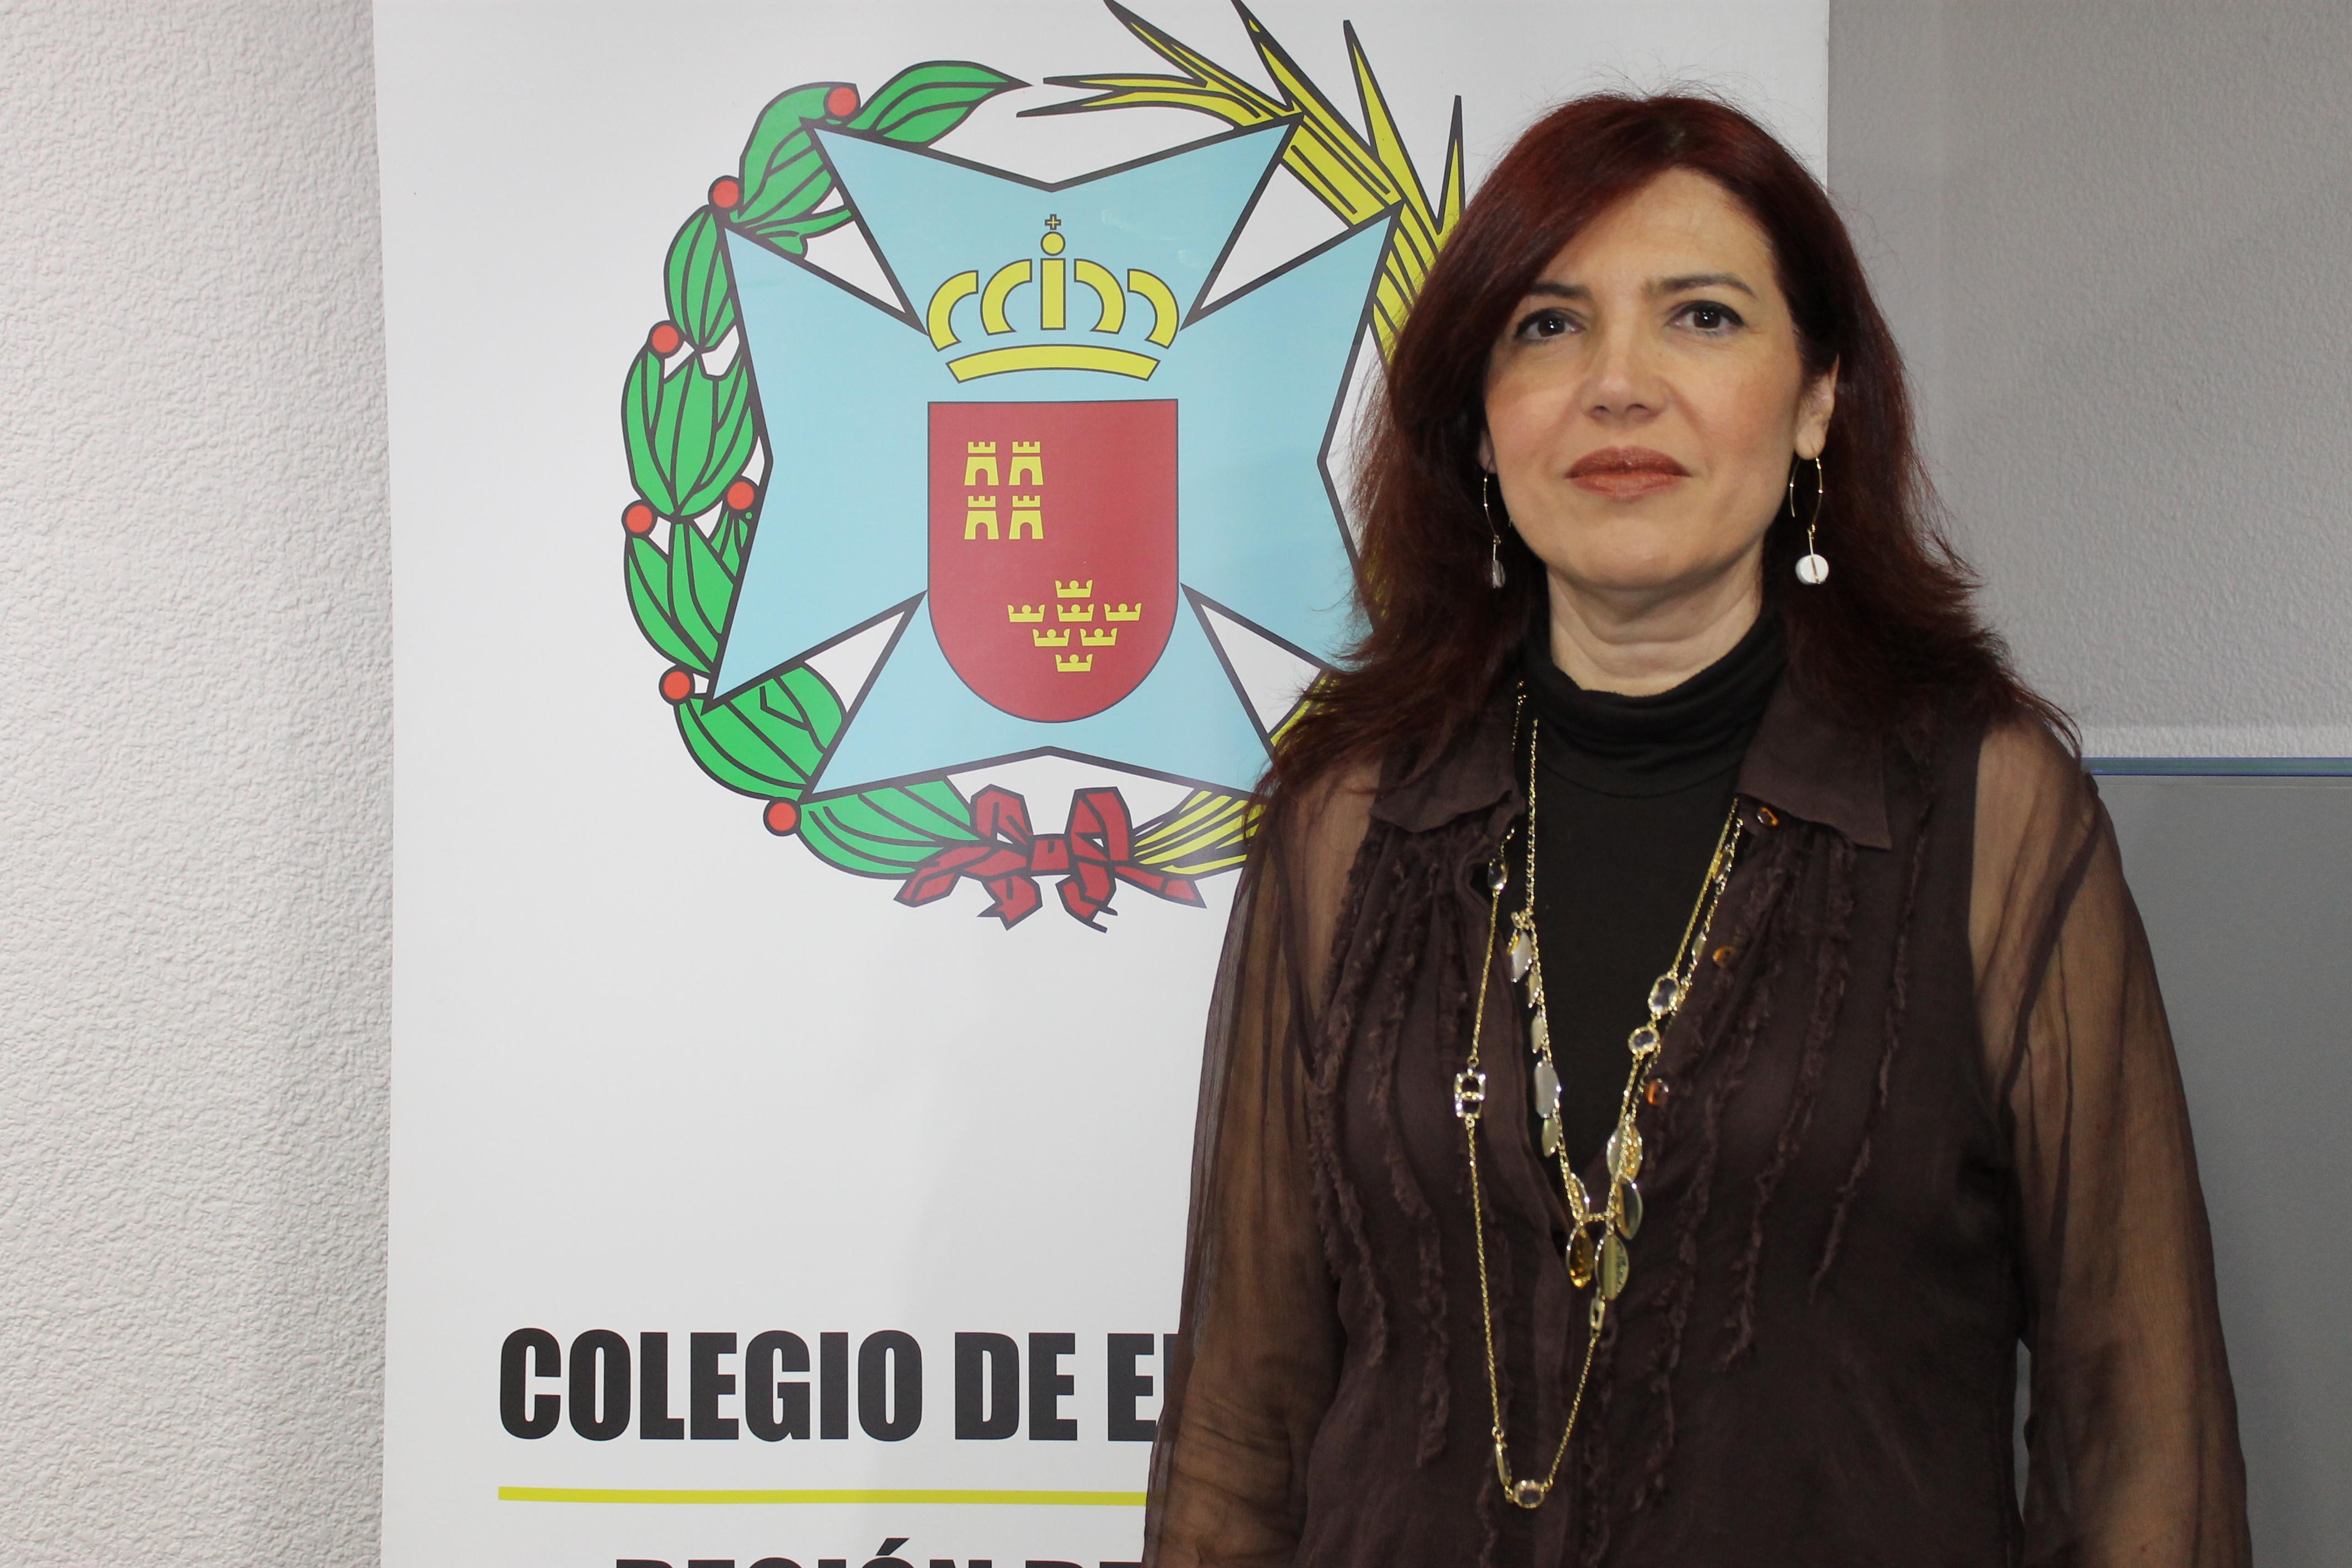 La Fiscalía investigará a Amelia Corominas y su equipo por posibles delitos penales durante su ocupación ilegal del Colegio de Enfermería de Murcia